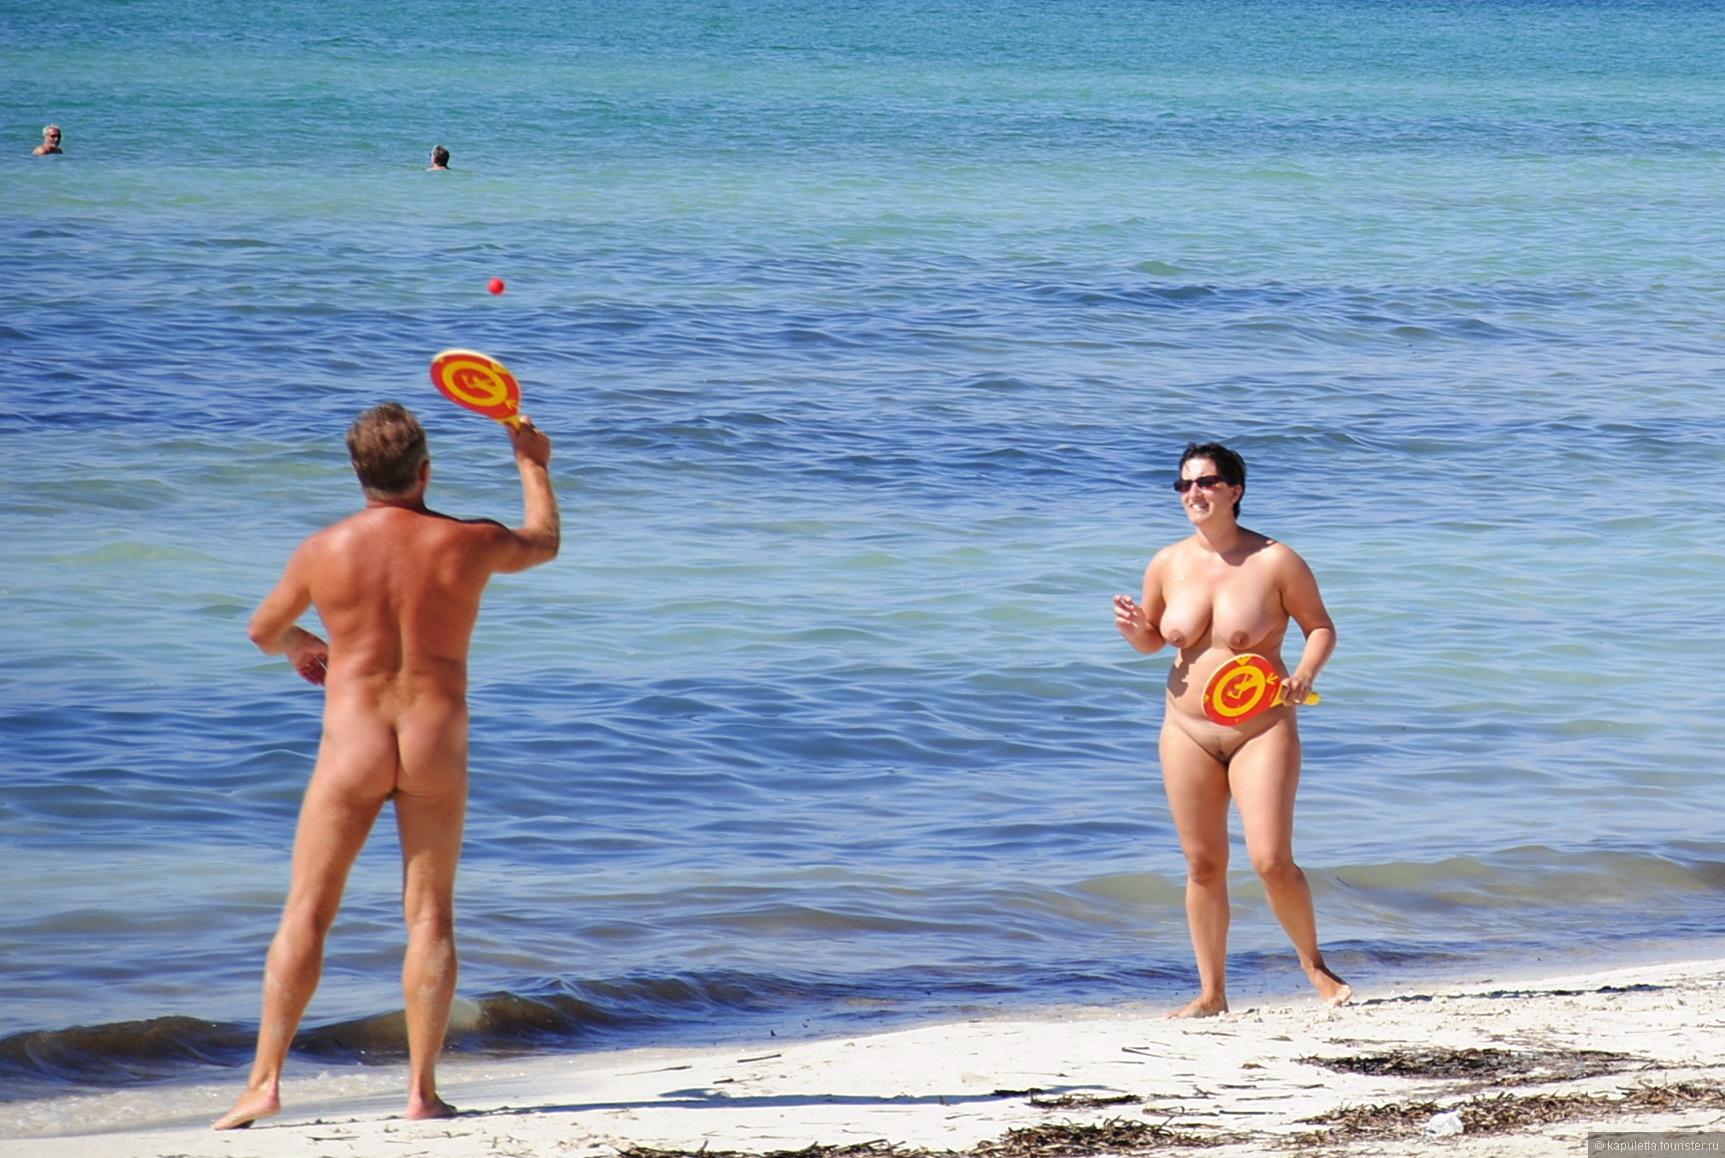 Фото с нудистского пляжа волгограда